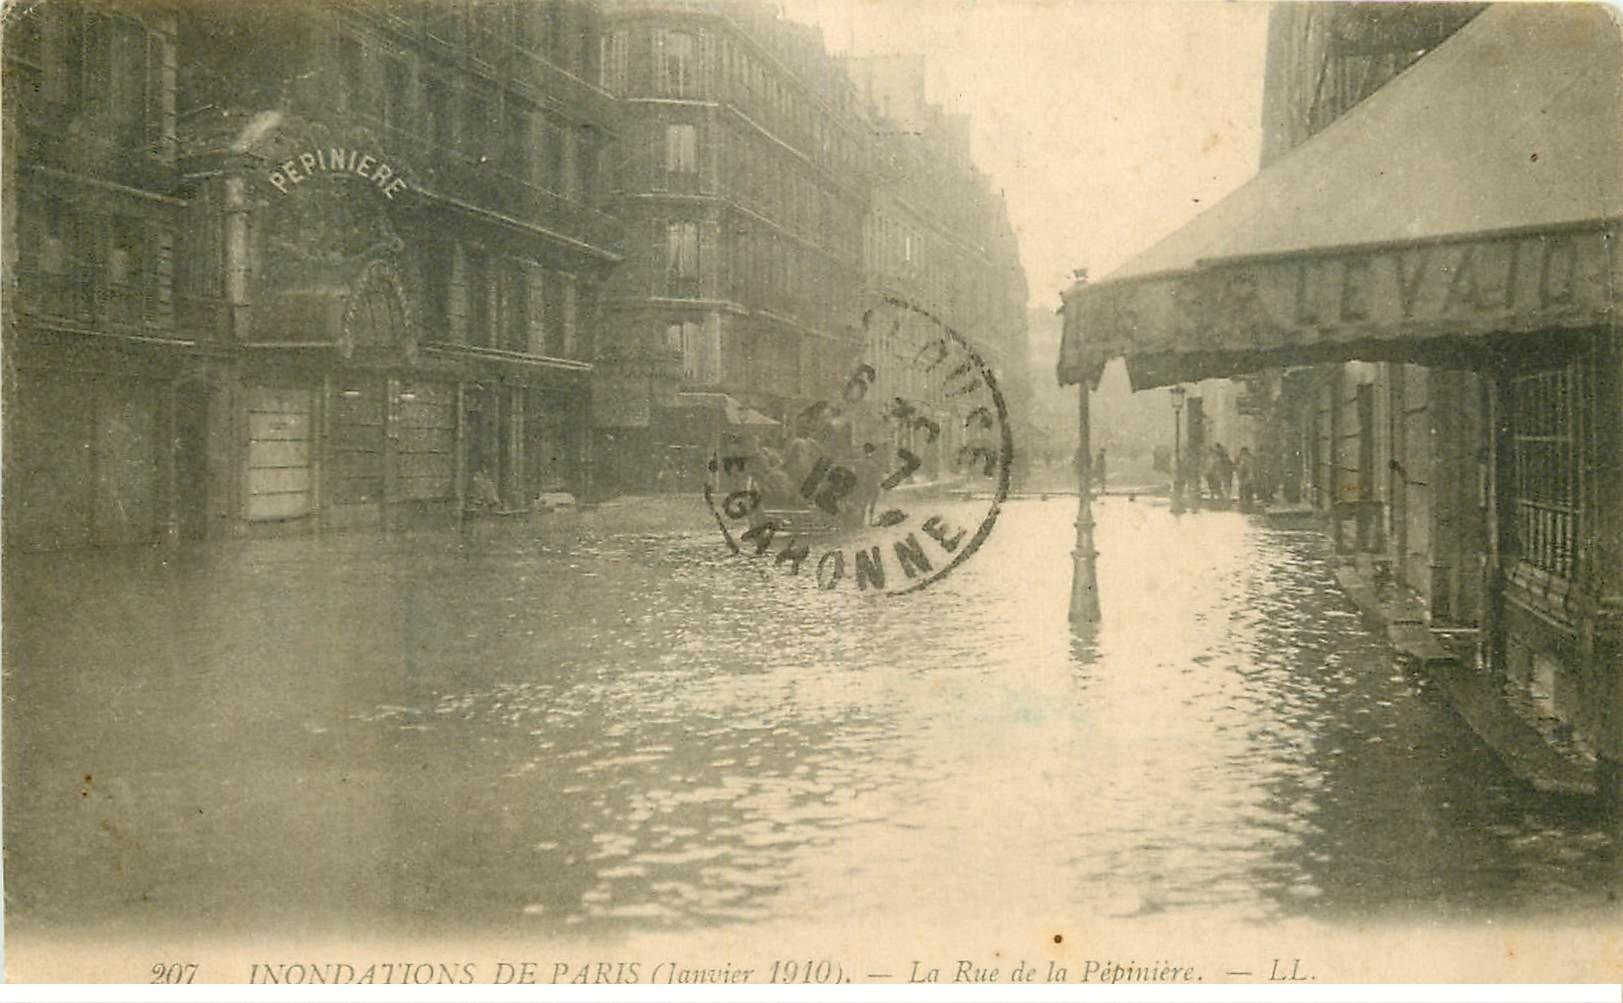 carte postale ancienne INONDATION ET CRUE PARIS 1910. Rue de la Pépinère 207